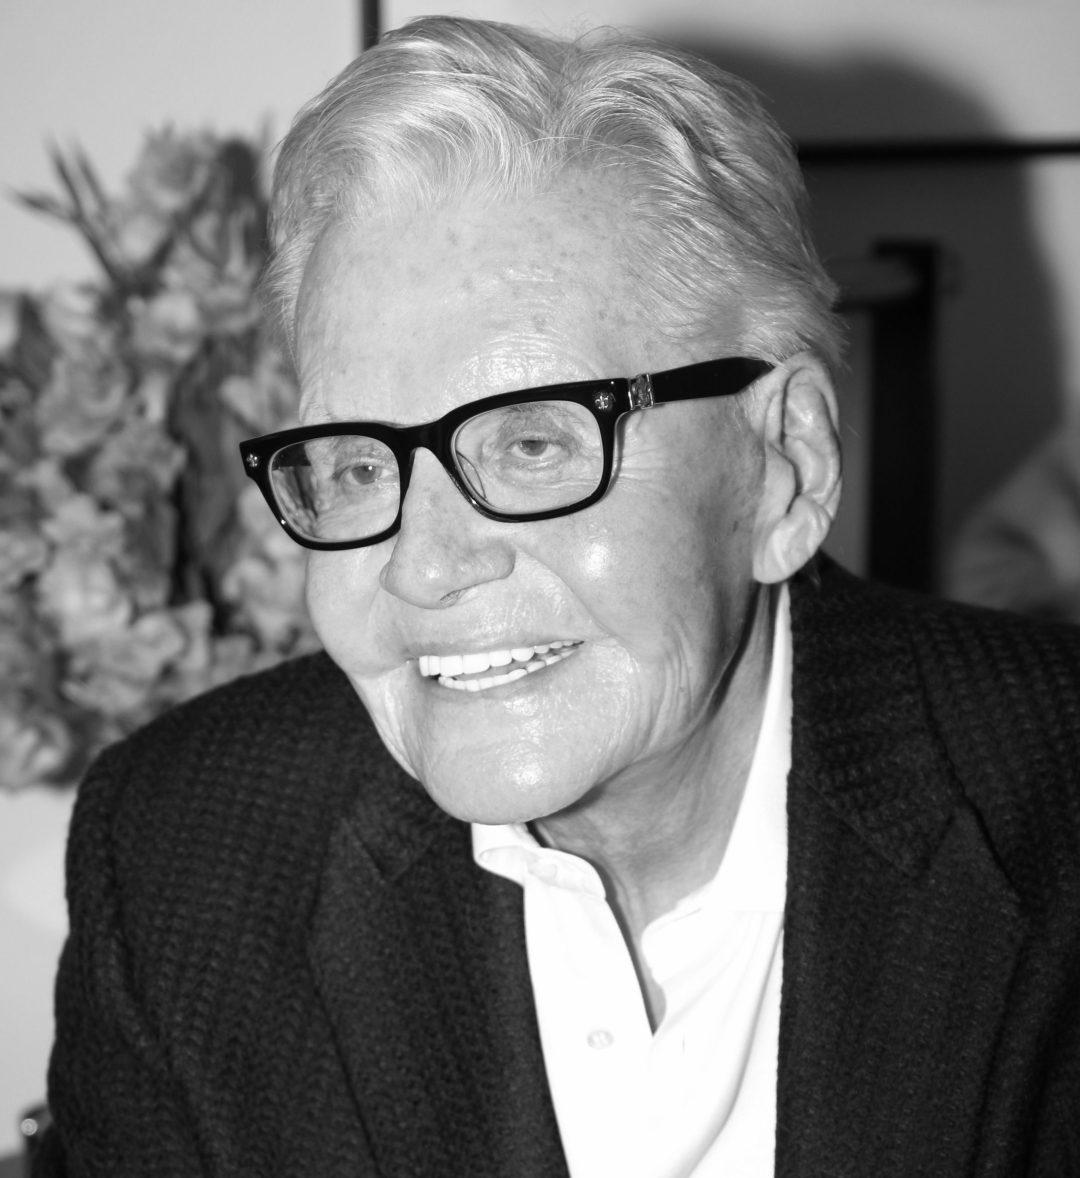 Mr. Art Van Elslander